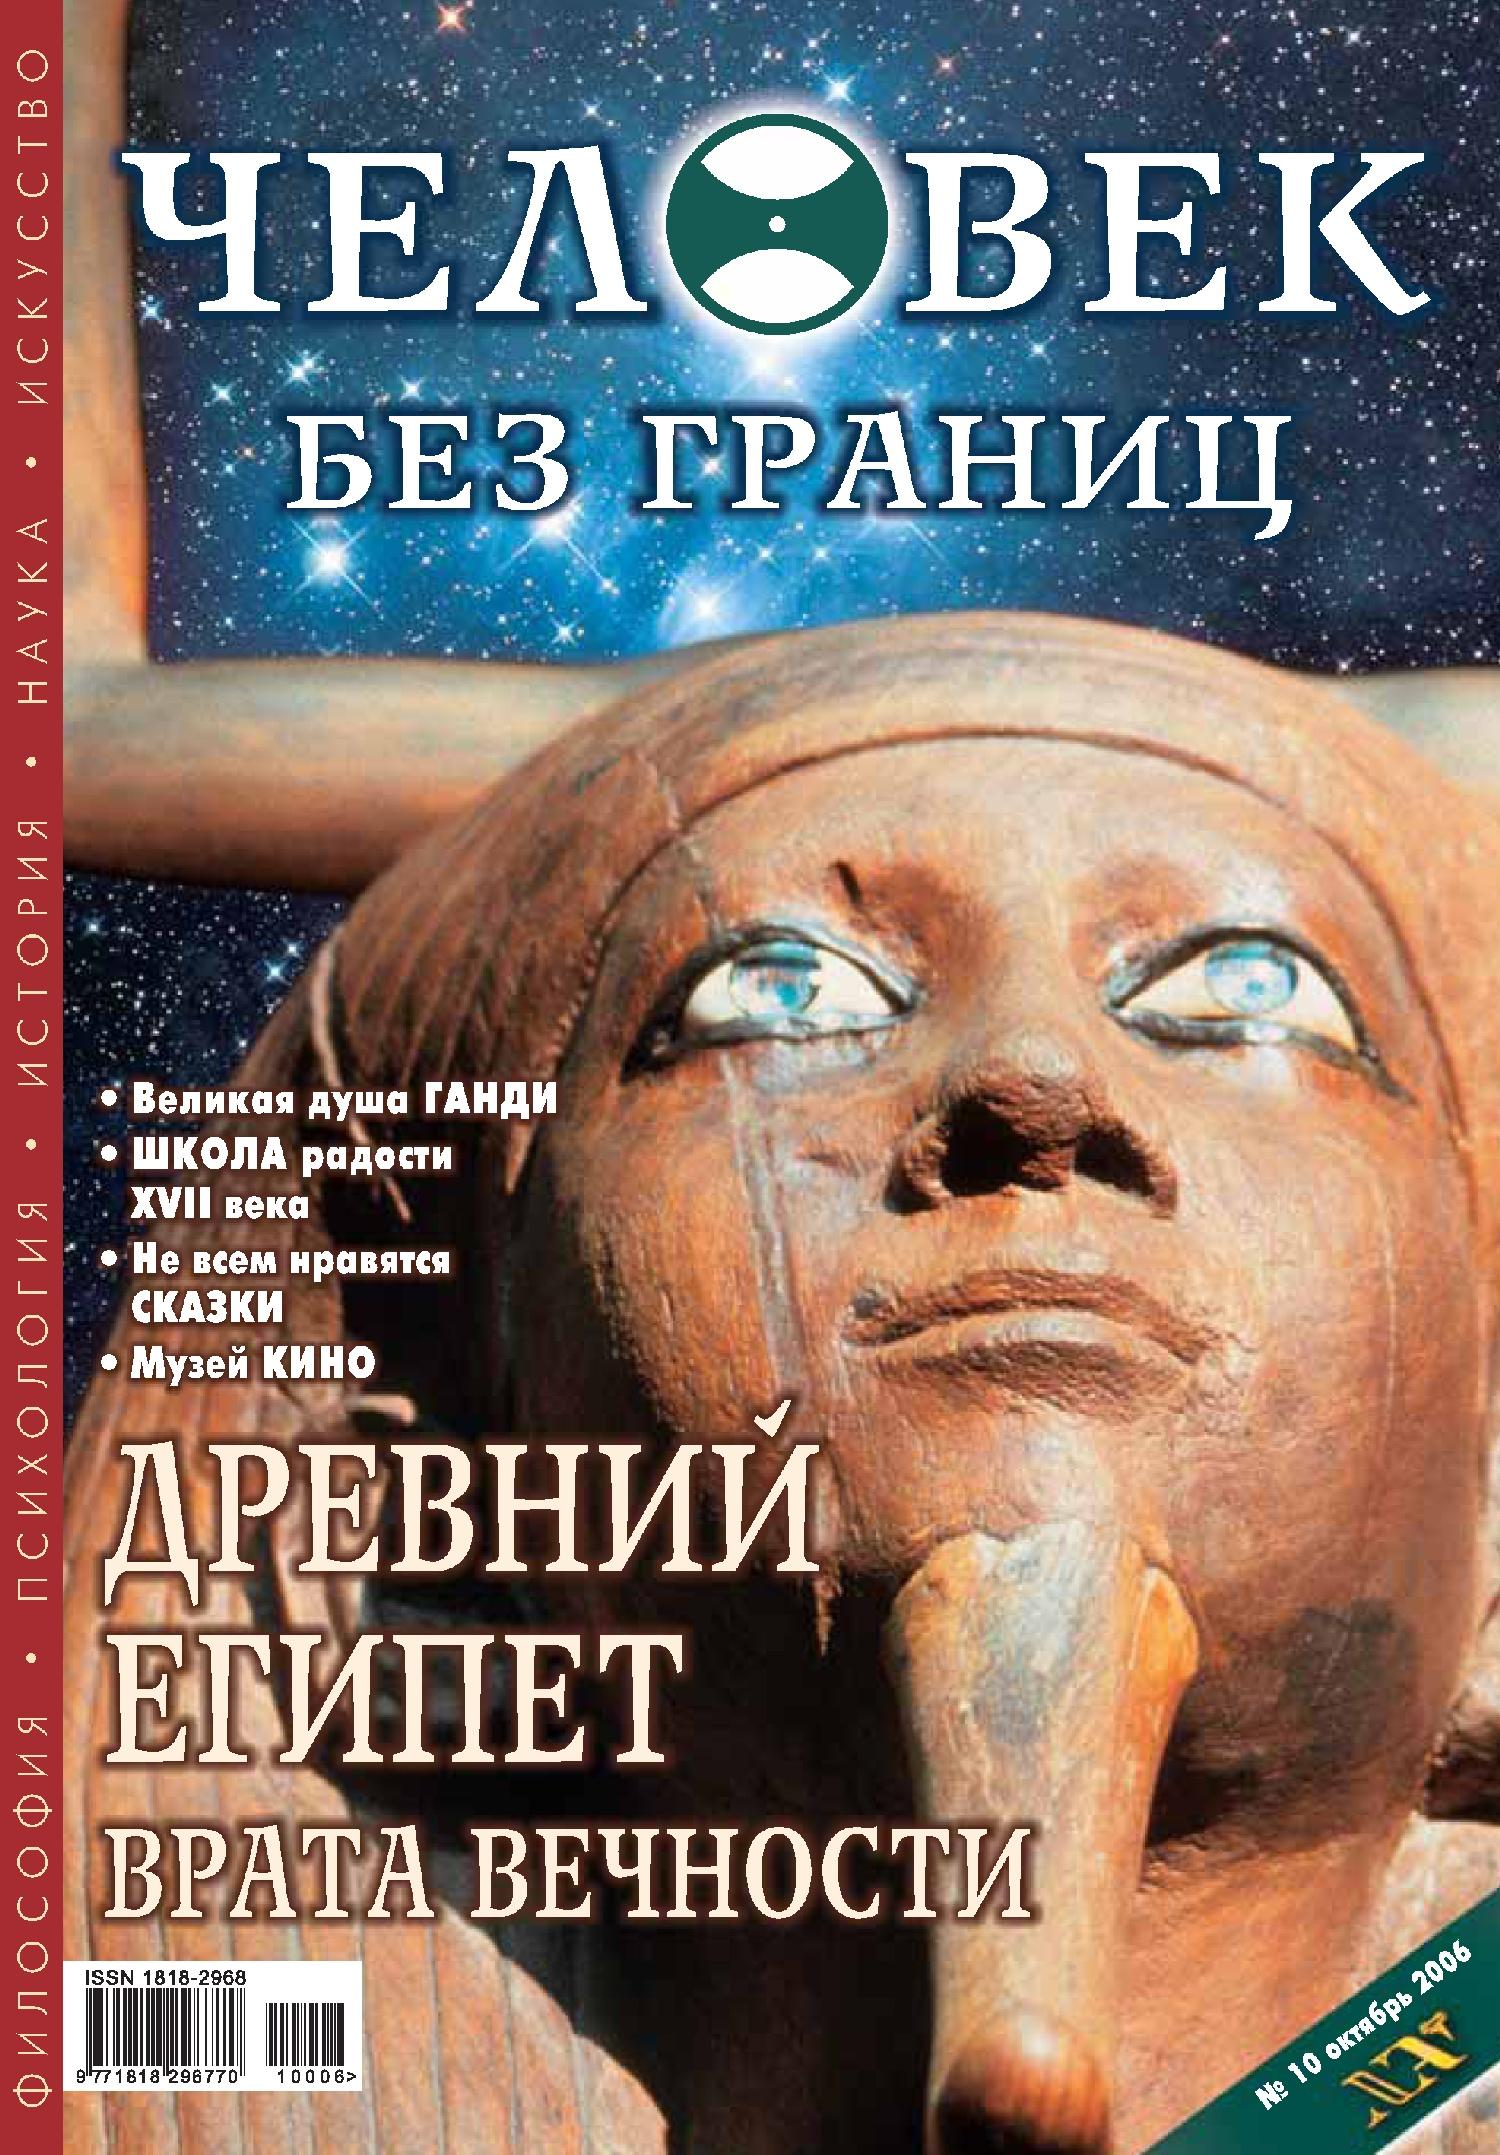 Отсутствует Журнал «Человек без границ» №10 (11) 2006 отсутствует журнал человек без границ 2 03 2006